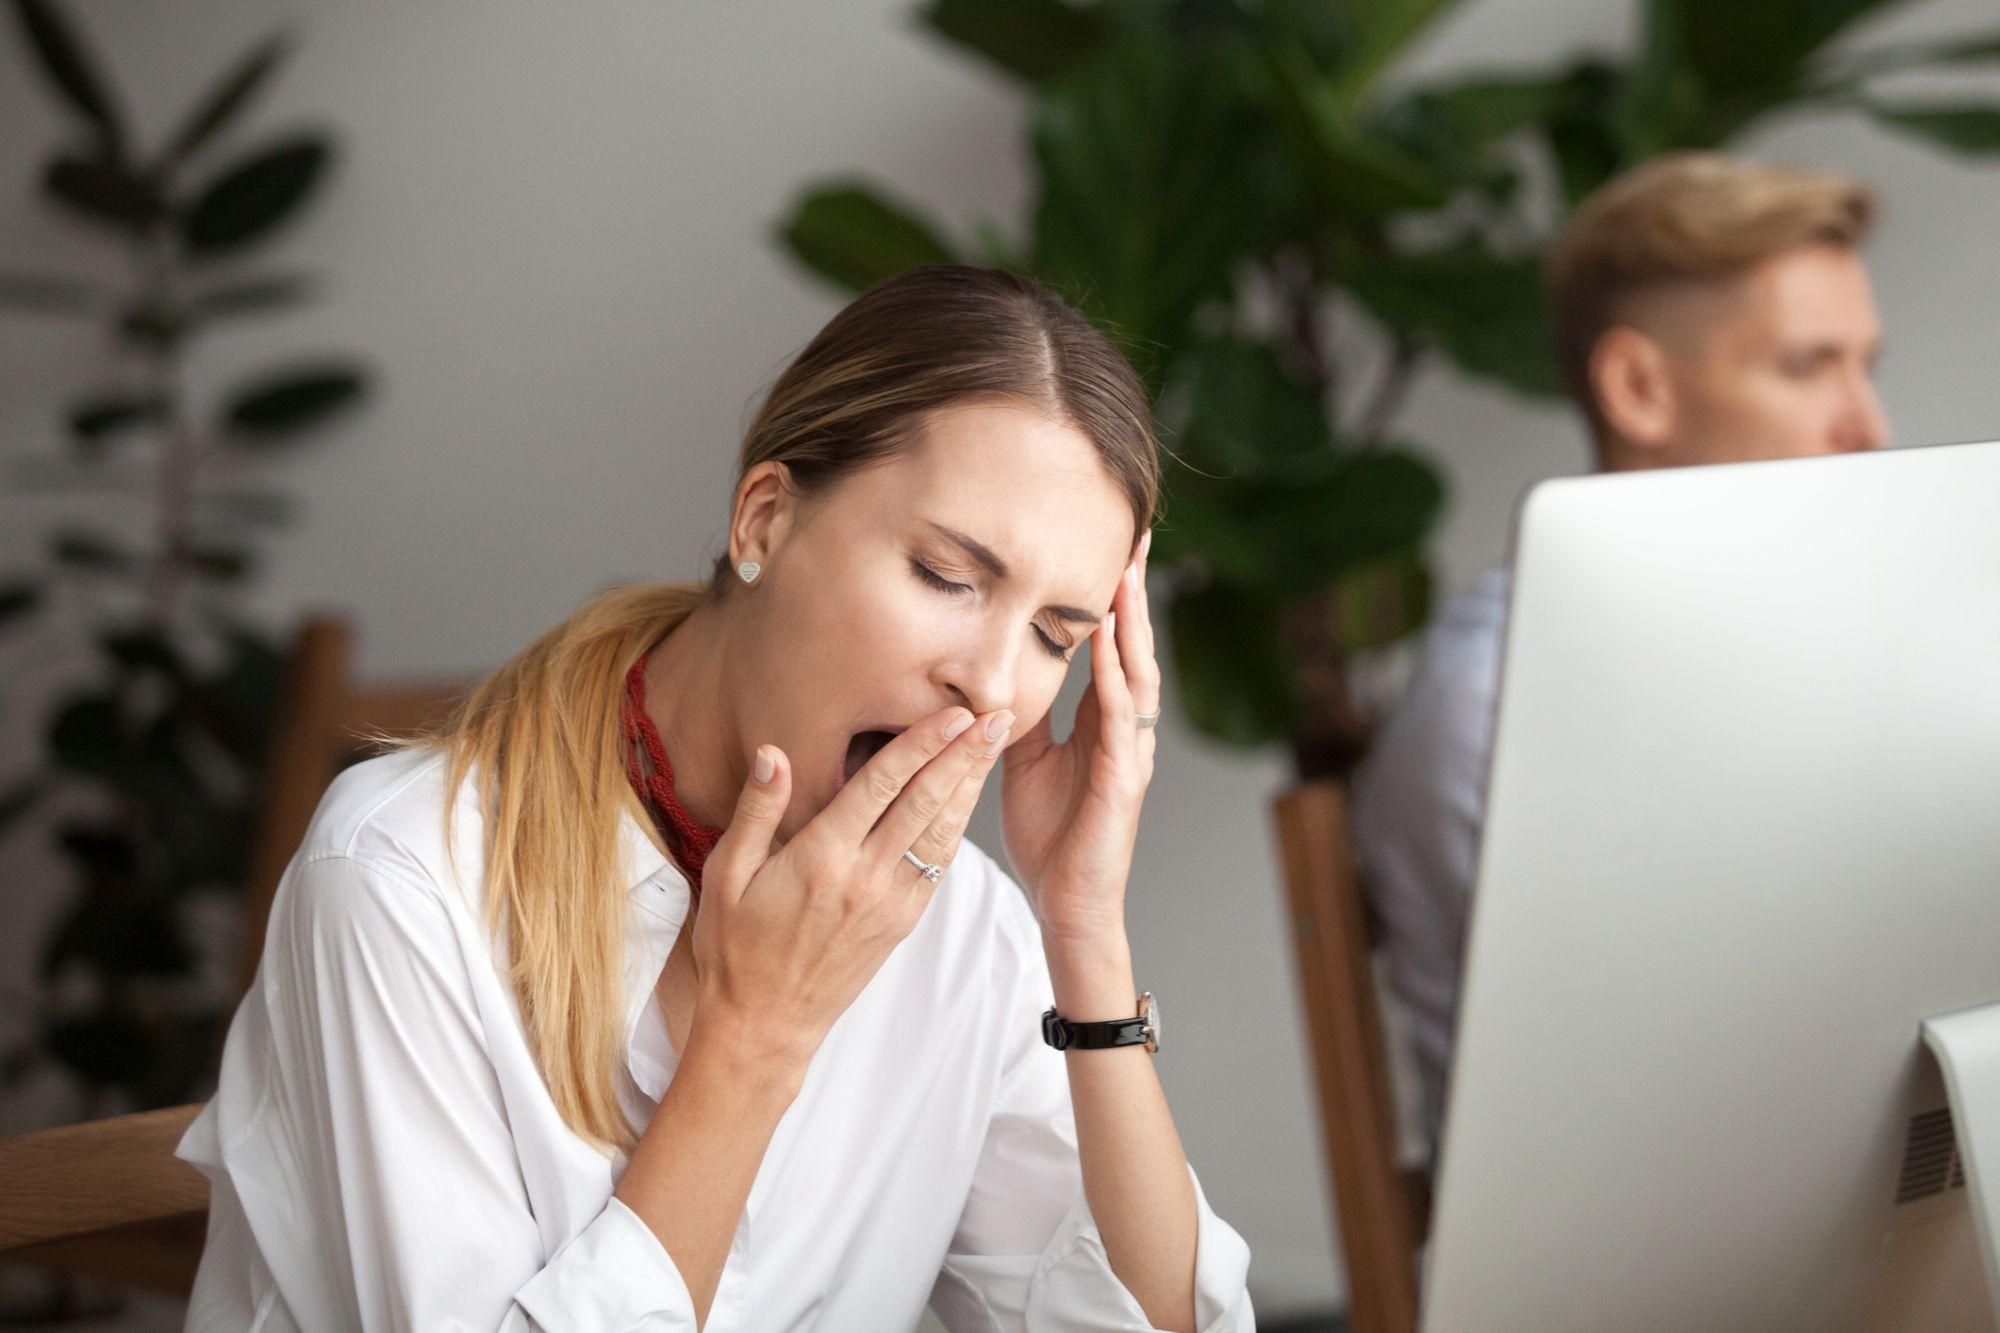 imagem de mulher bocejando no trabalho | Fadiga após o almoço? Descubra como despertar desse hábito!